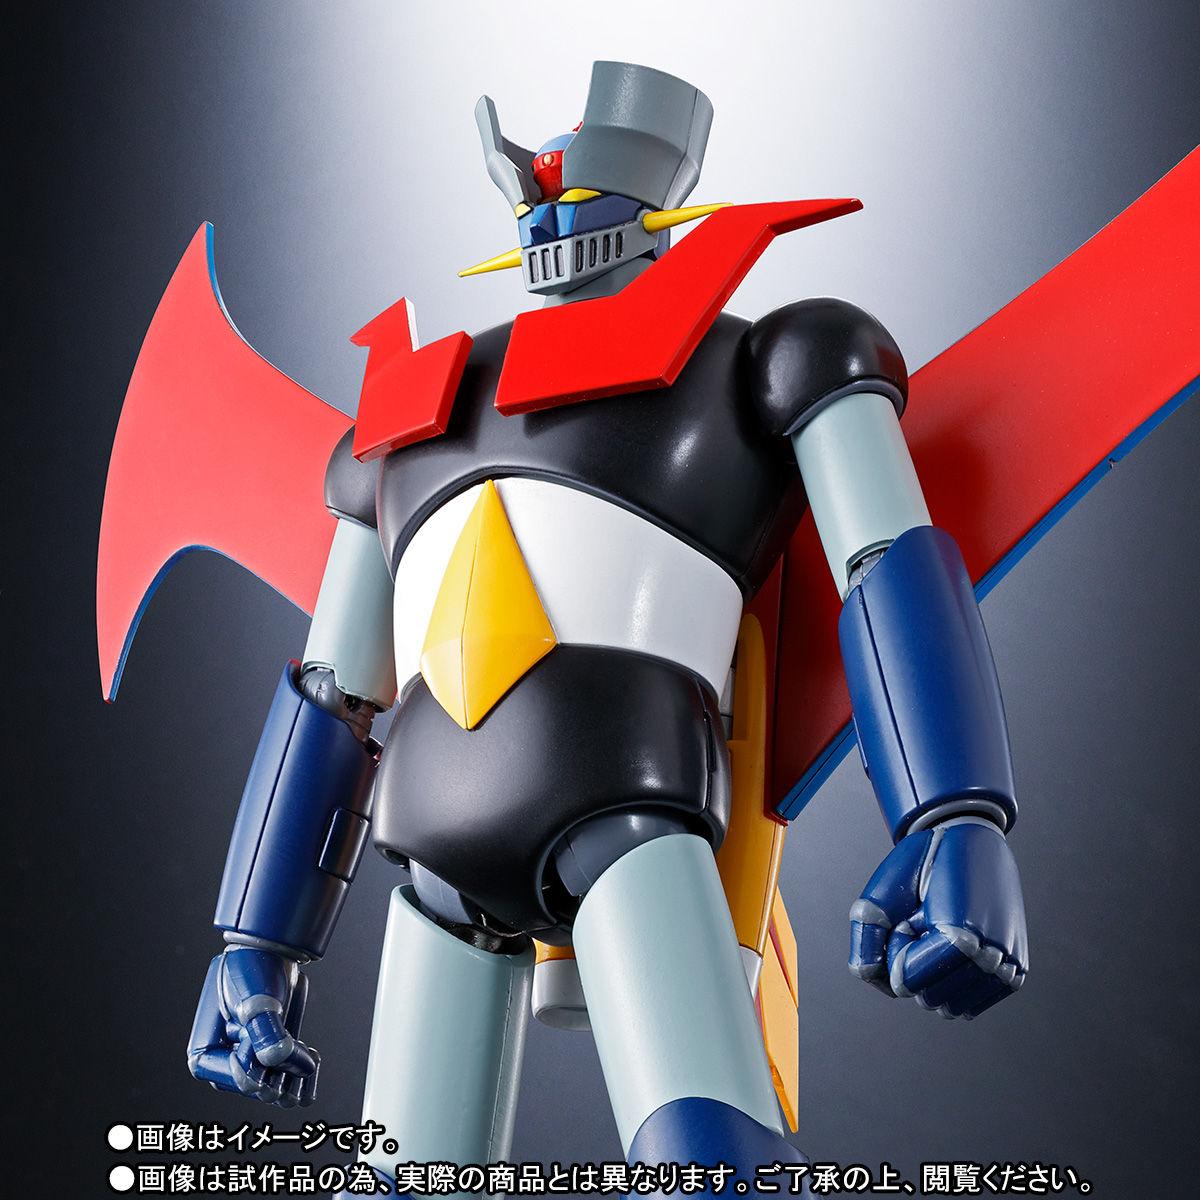 超合金魂 GX-70SP『マジンガーZ D.C. アニメカラーバージョン』可動フィギュア-001